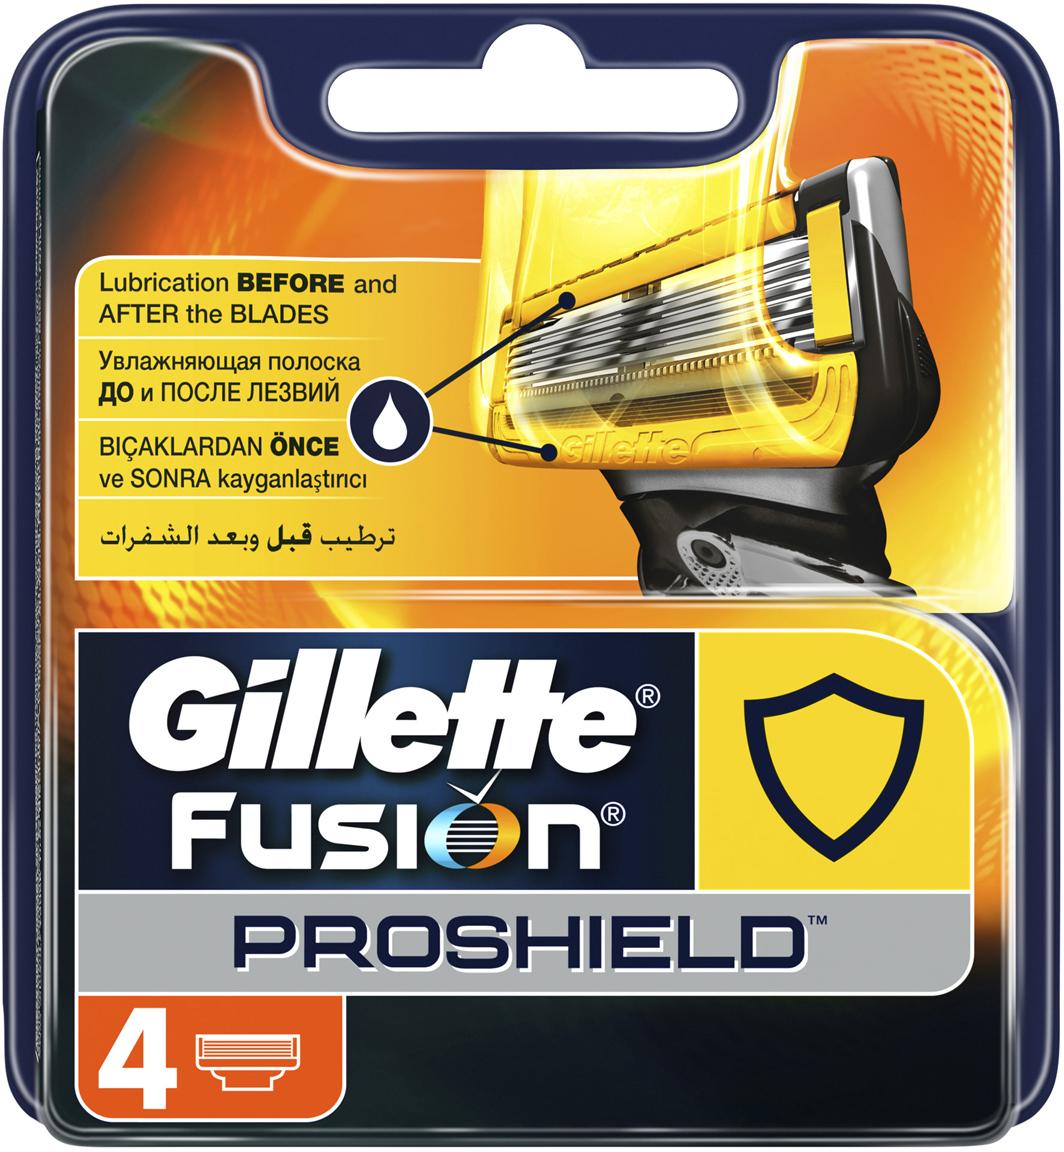 Gillette Сменные кассеты для мужской бритвы Fusion ProShield, 4 шт gillette fusion